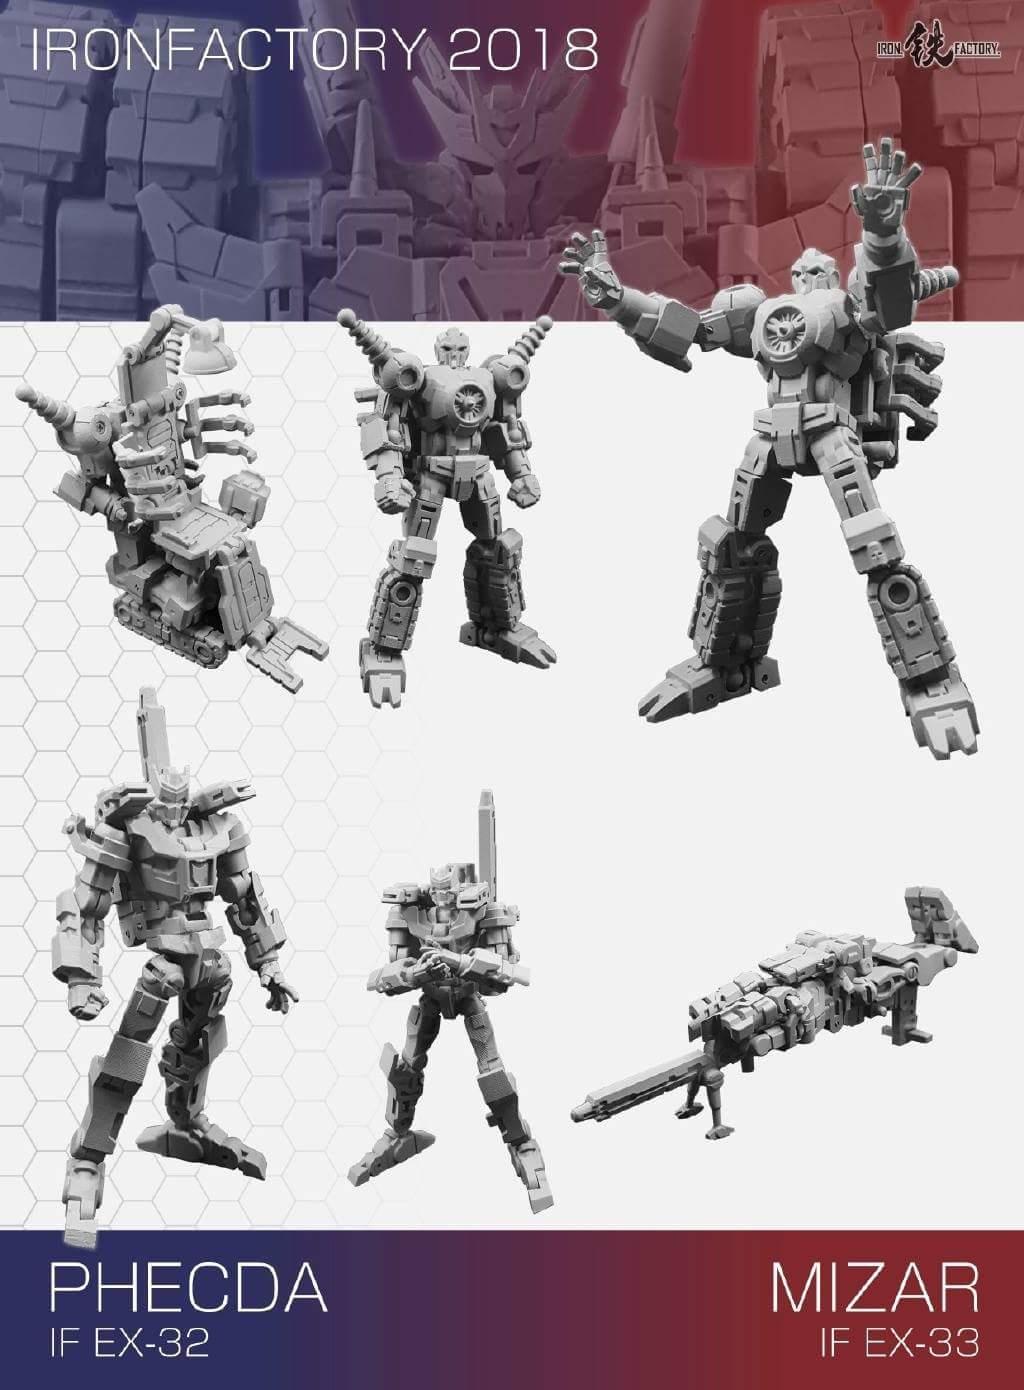 [Iron Factory] Produit Tiers - TF de la Gamme IF-EX - des BD TF d'IDW - échelle Legends - Page 5 F6gJKYla_o